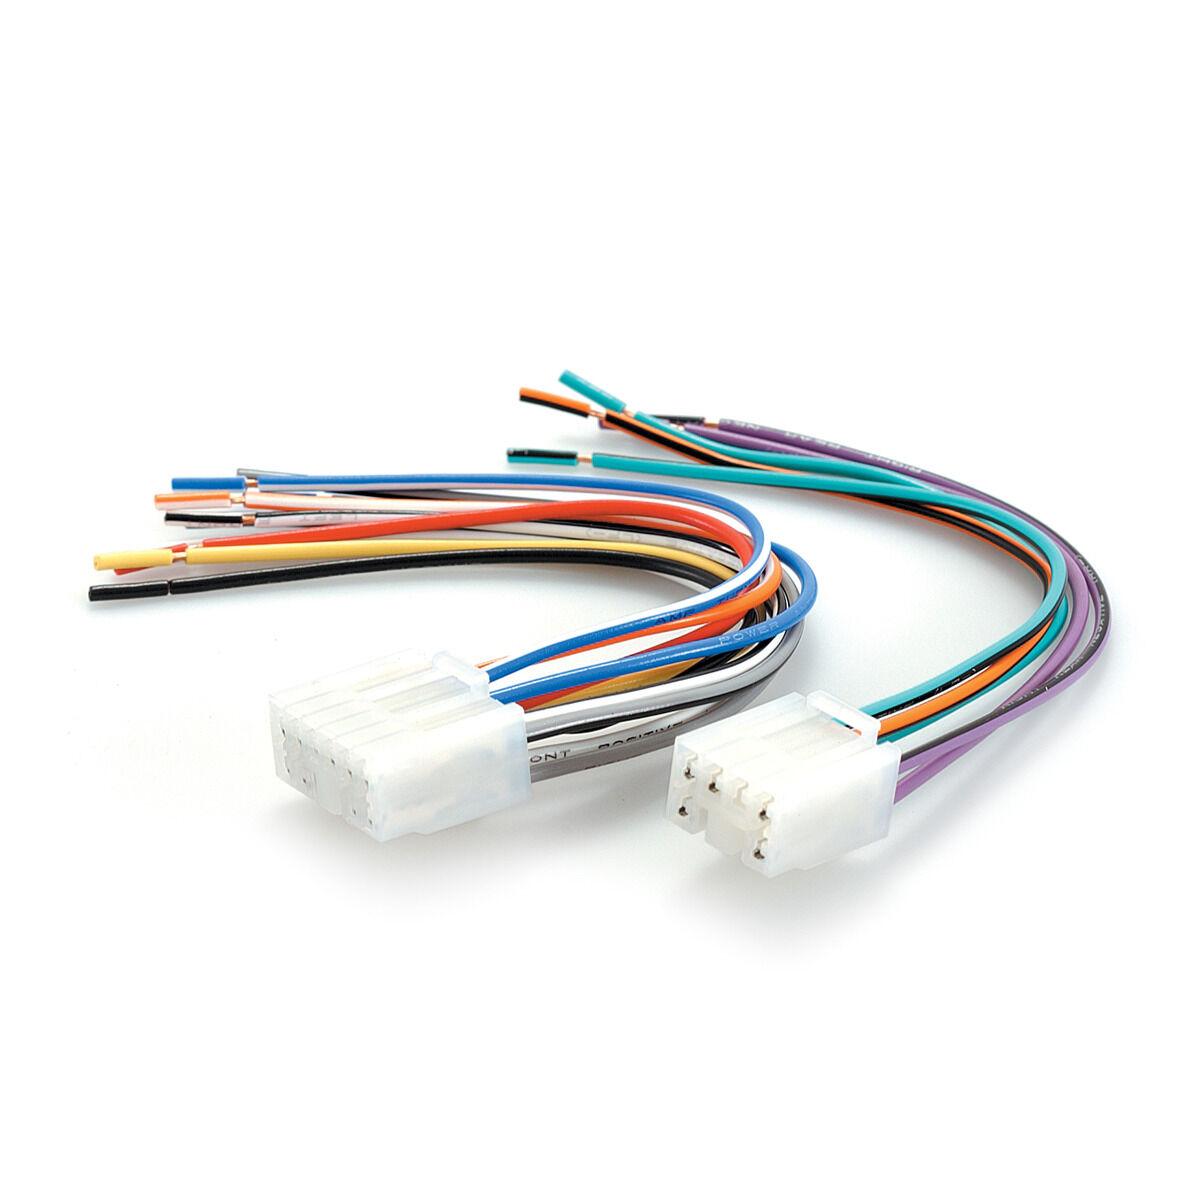 small resolution of eurovox radio wiring diagram supercheap auto australiarh supercheapauto com au design